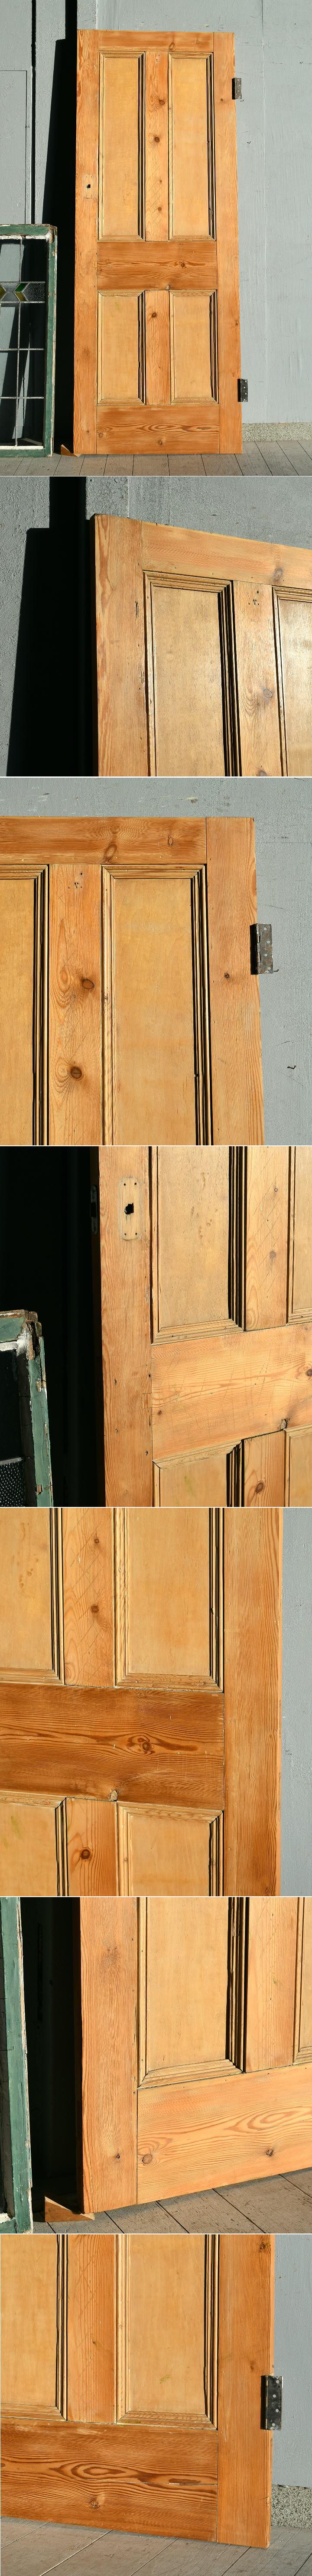 イギリス アンティーク オールドパイン ドア 扉 建具 7681